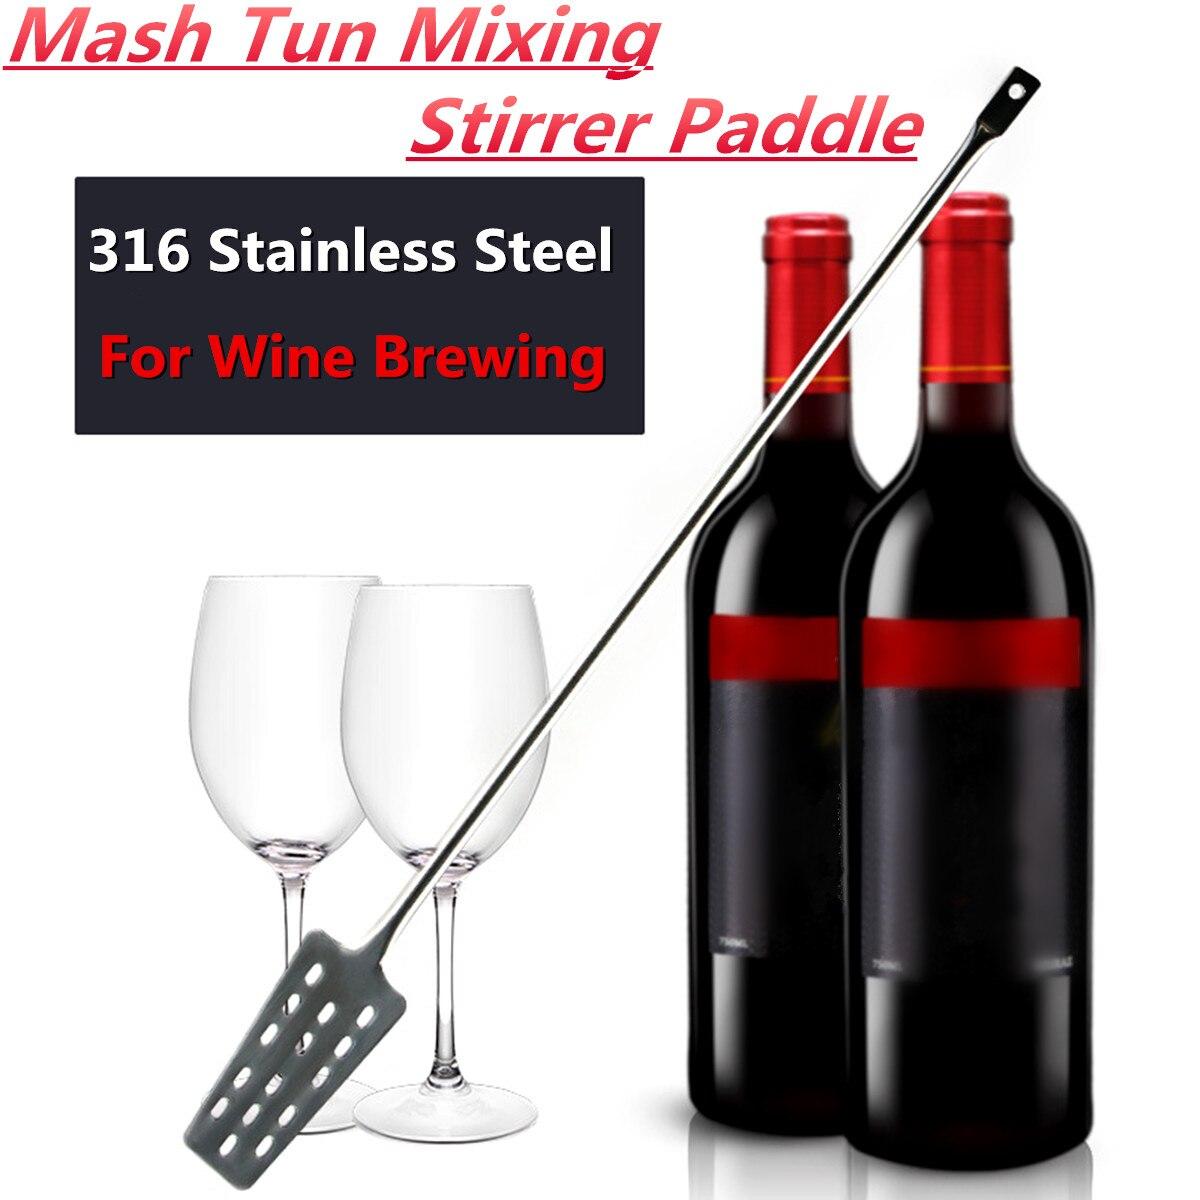 Mash Tun Agitateur De Mélange Paddle 304 Acier Inoxydable Avec 15 Trous Pour Home Brew Miroir Poli Élégant Ssed dans le Vin en remuant